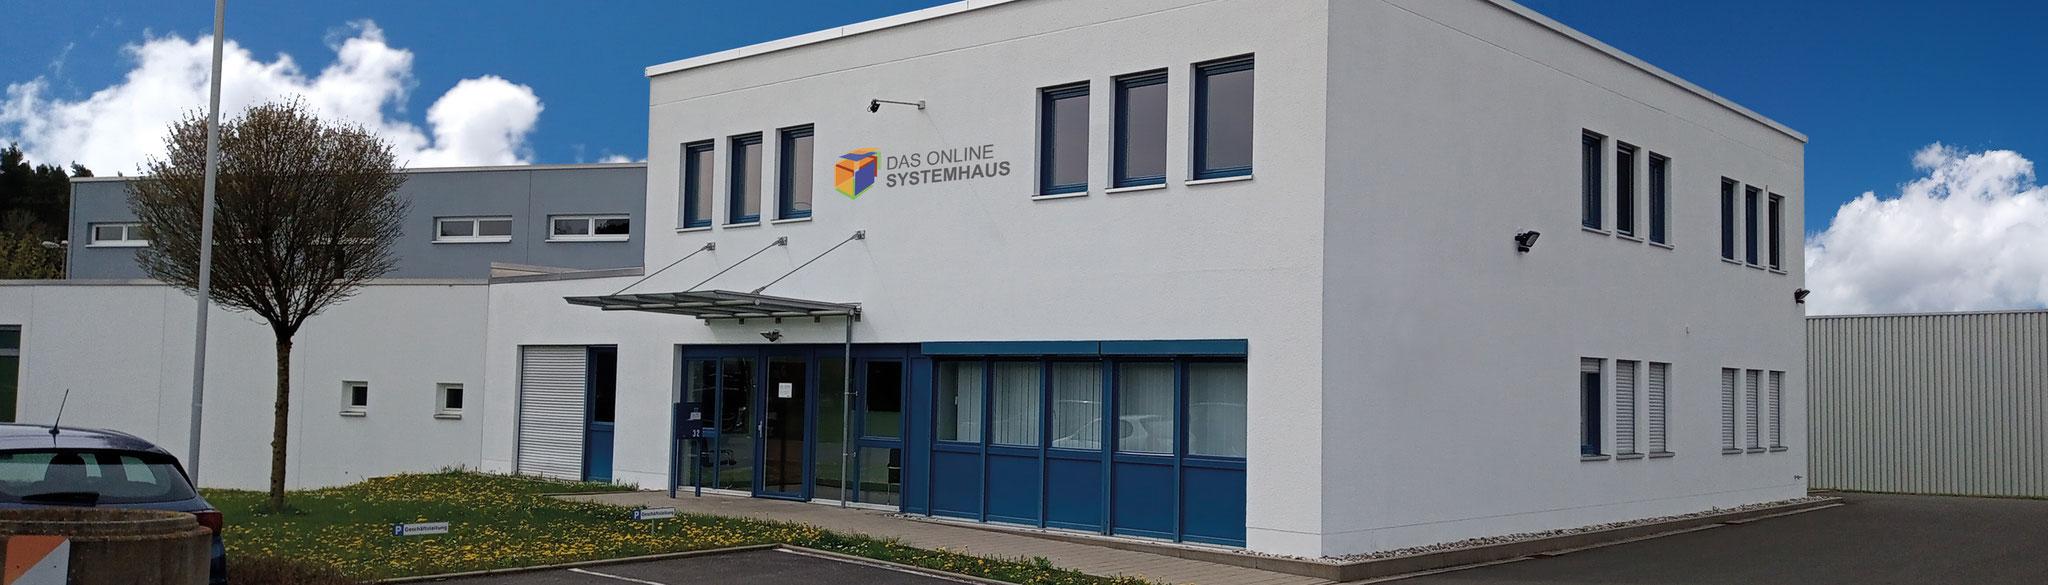 Unser Hauptsitz in Berg bei Neumarkt